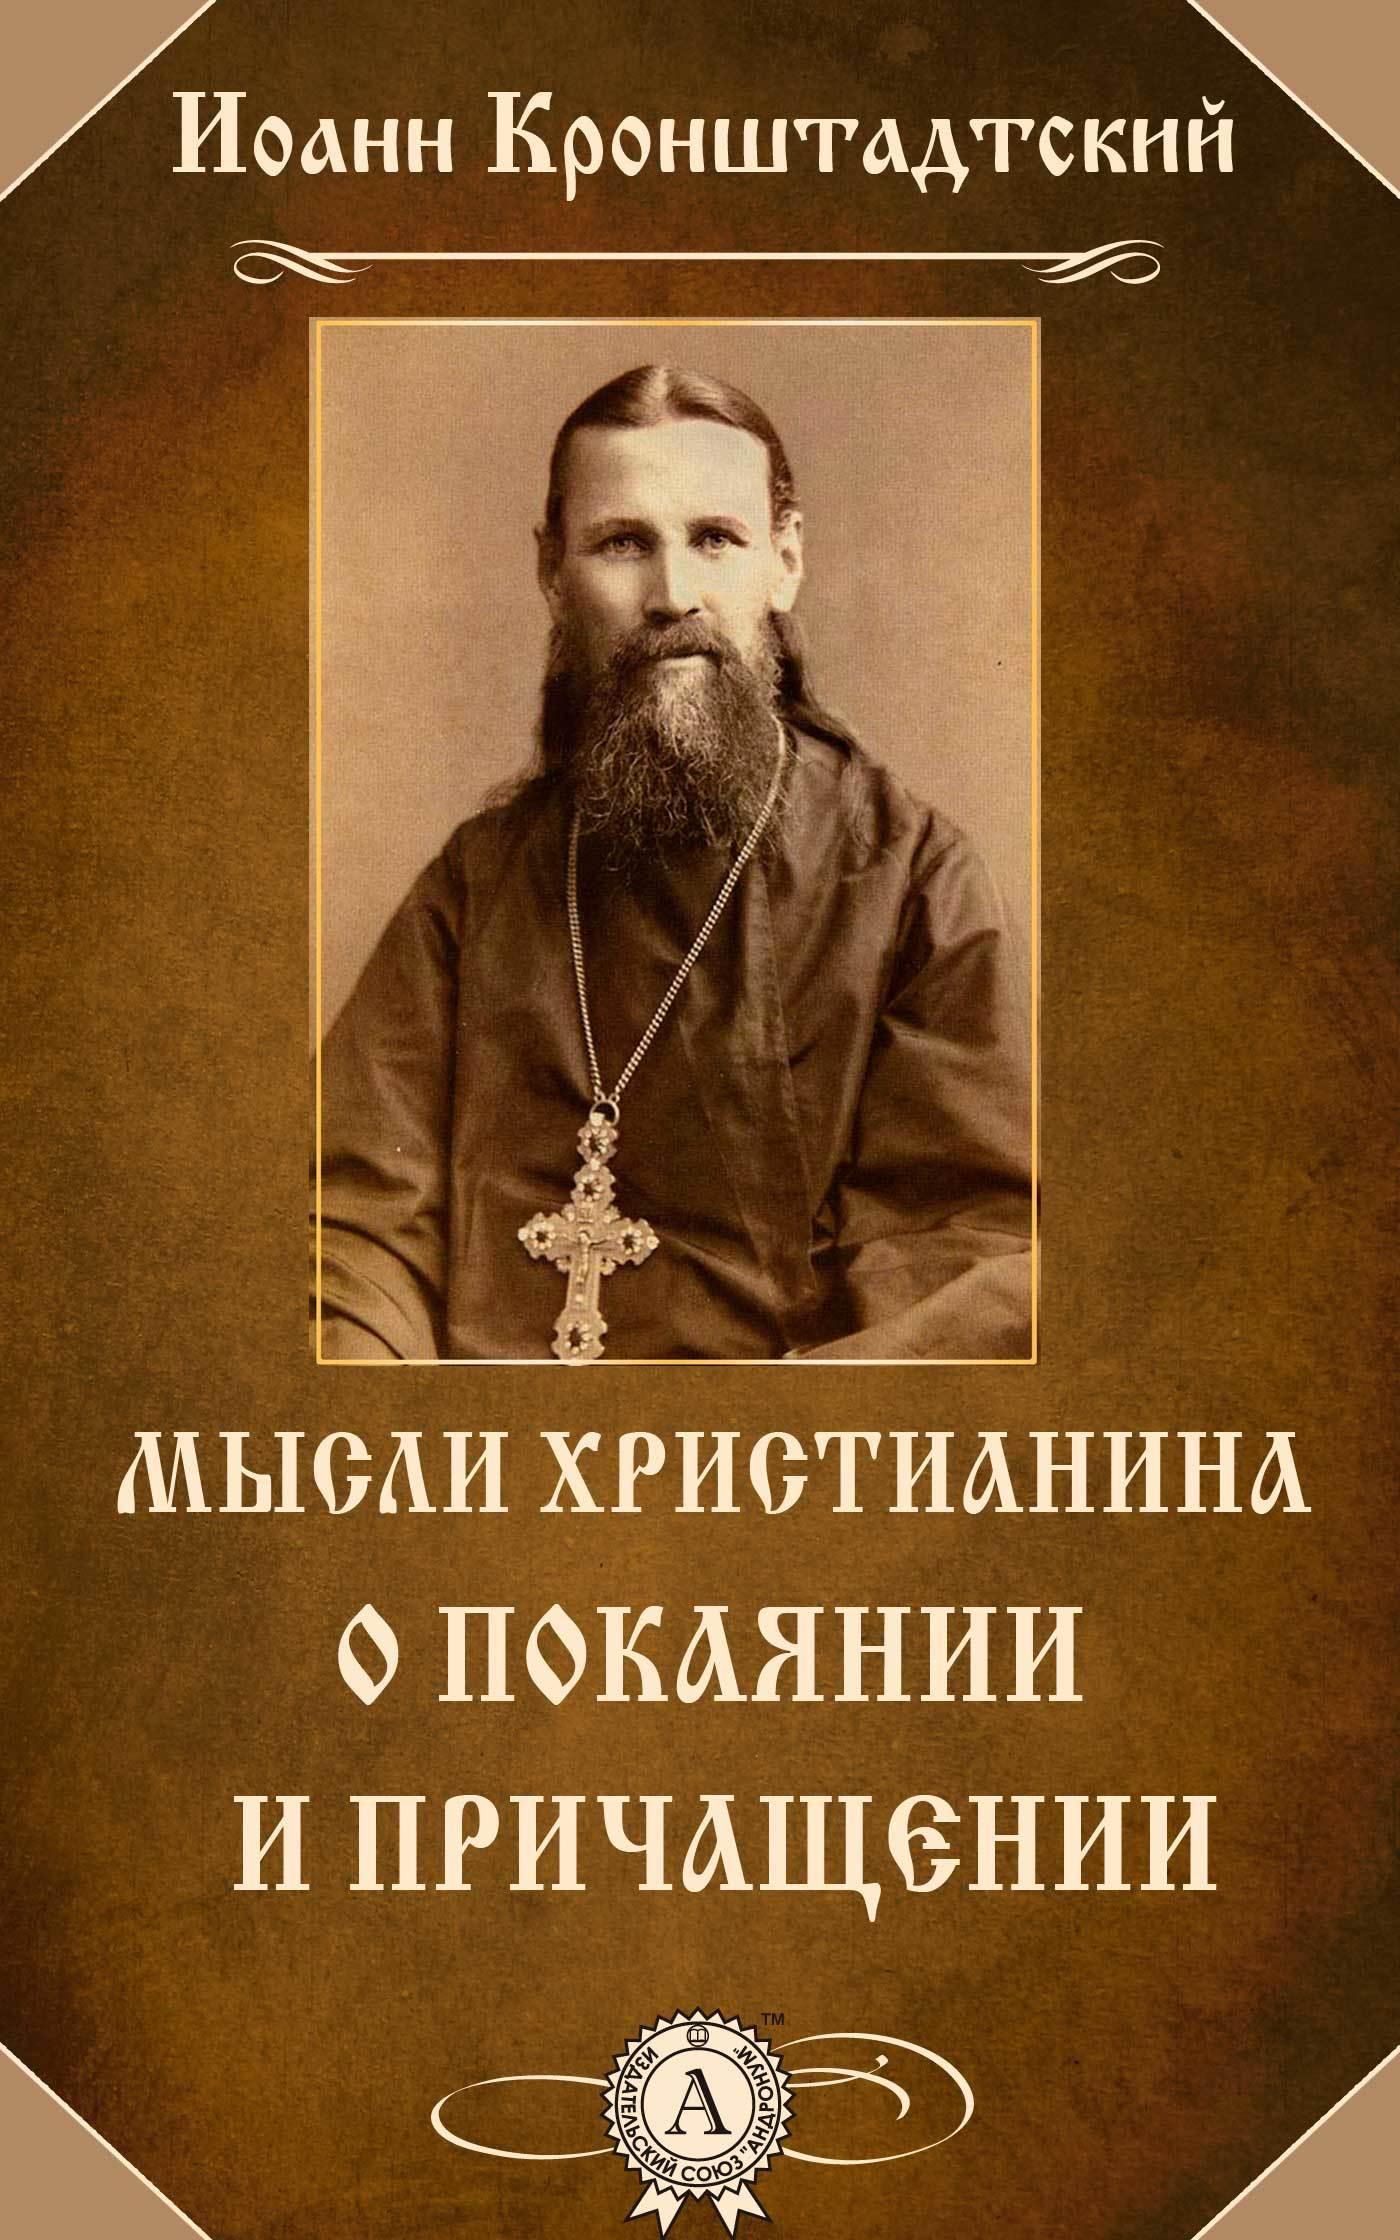 Иоанн Праведный Кронштадтский бесплатно